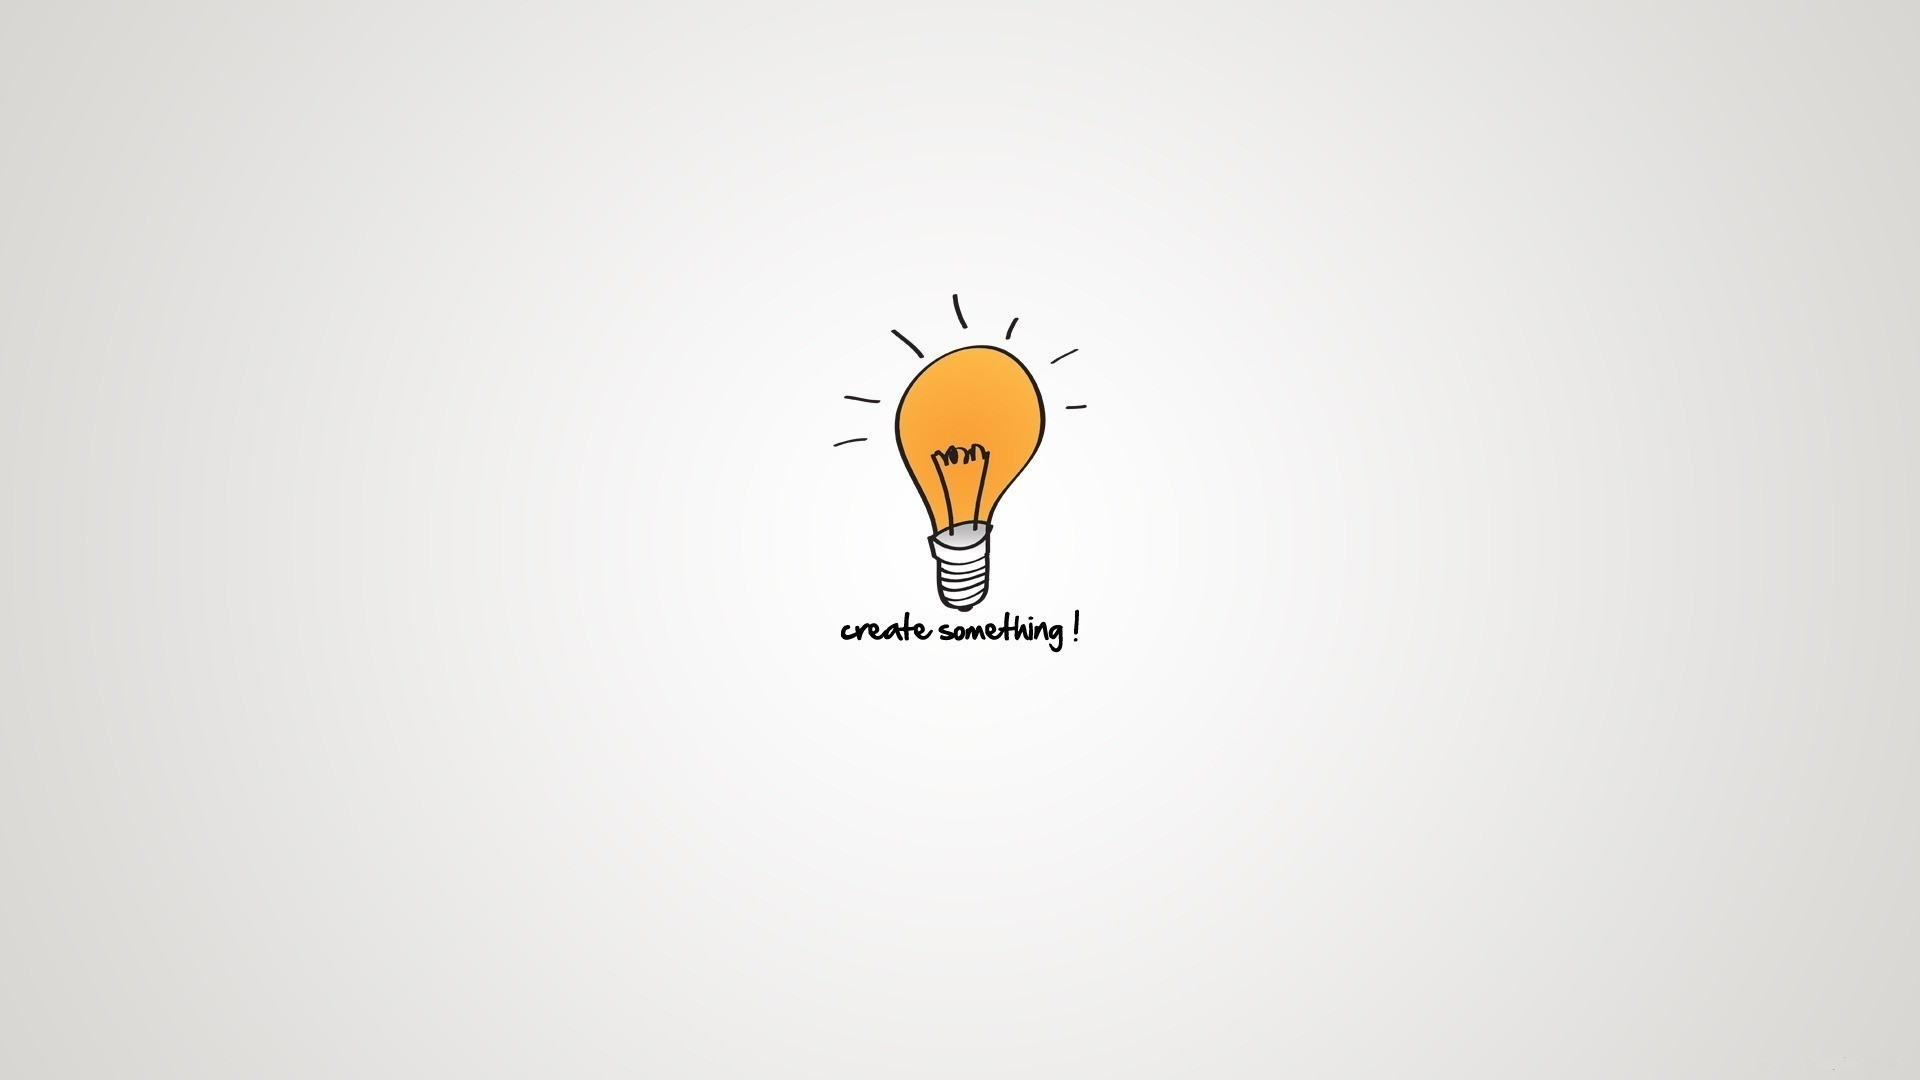 Motivational Desktop Backgrounds (73+ images)